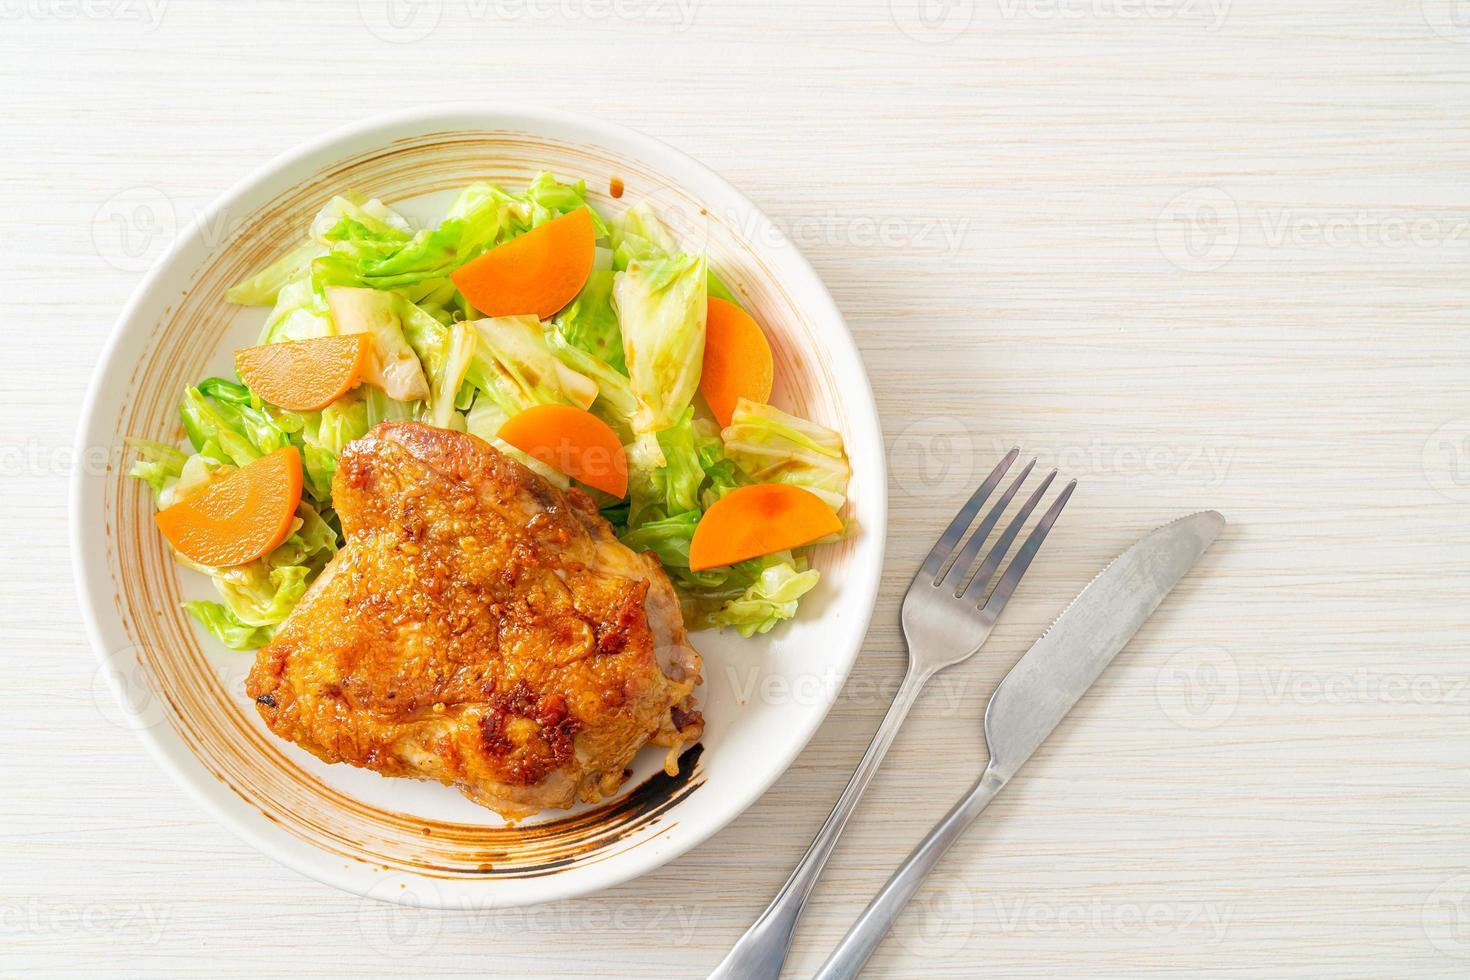 bife de frango teppanyaki com repolho e cenoura foto